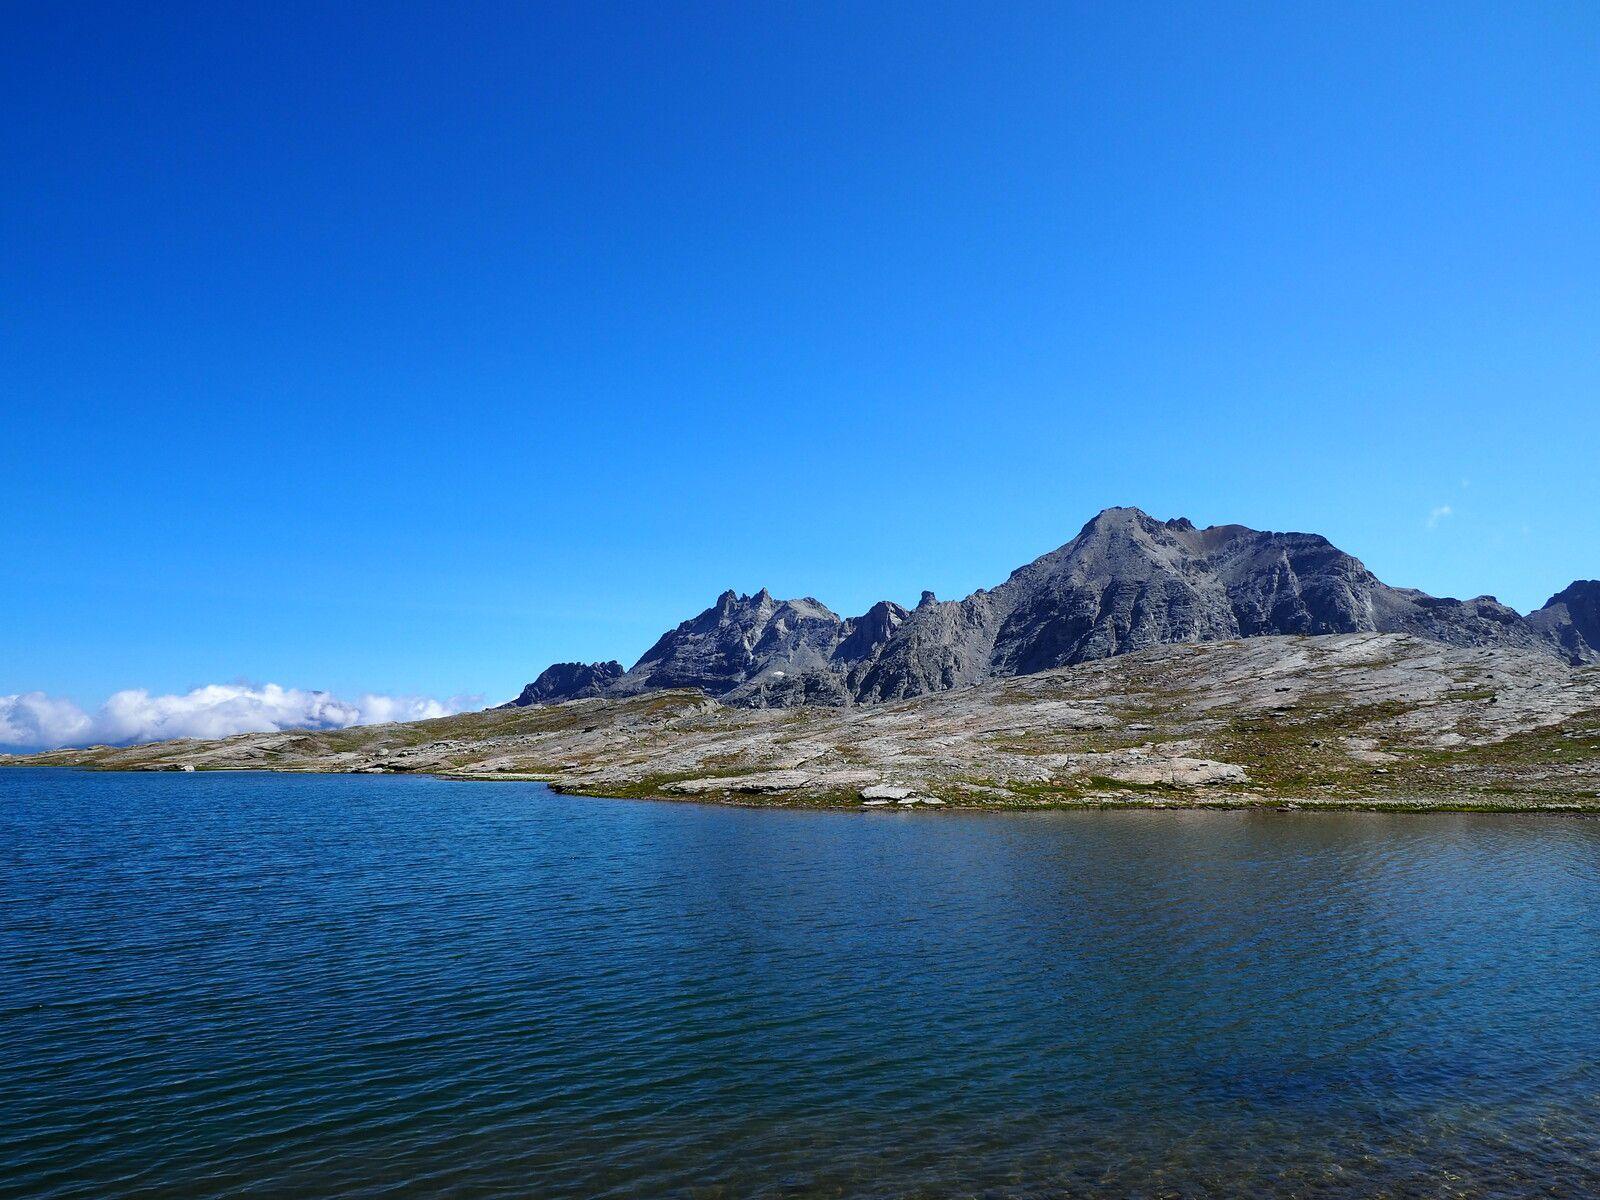 Le lac Noir (2800m) Bramans, Refuge d'Ambin avec La Haut Rando.